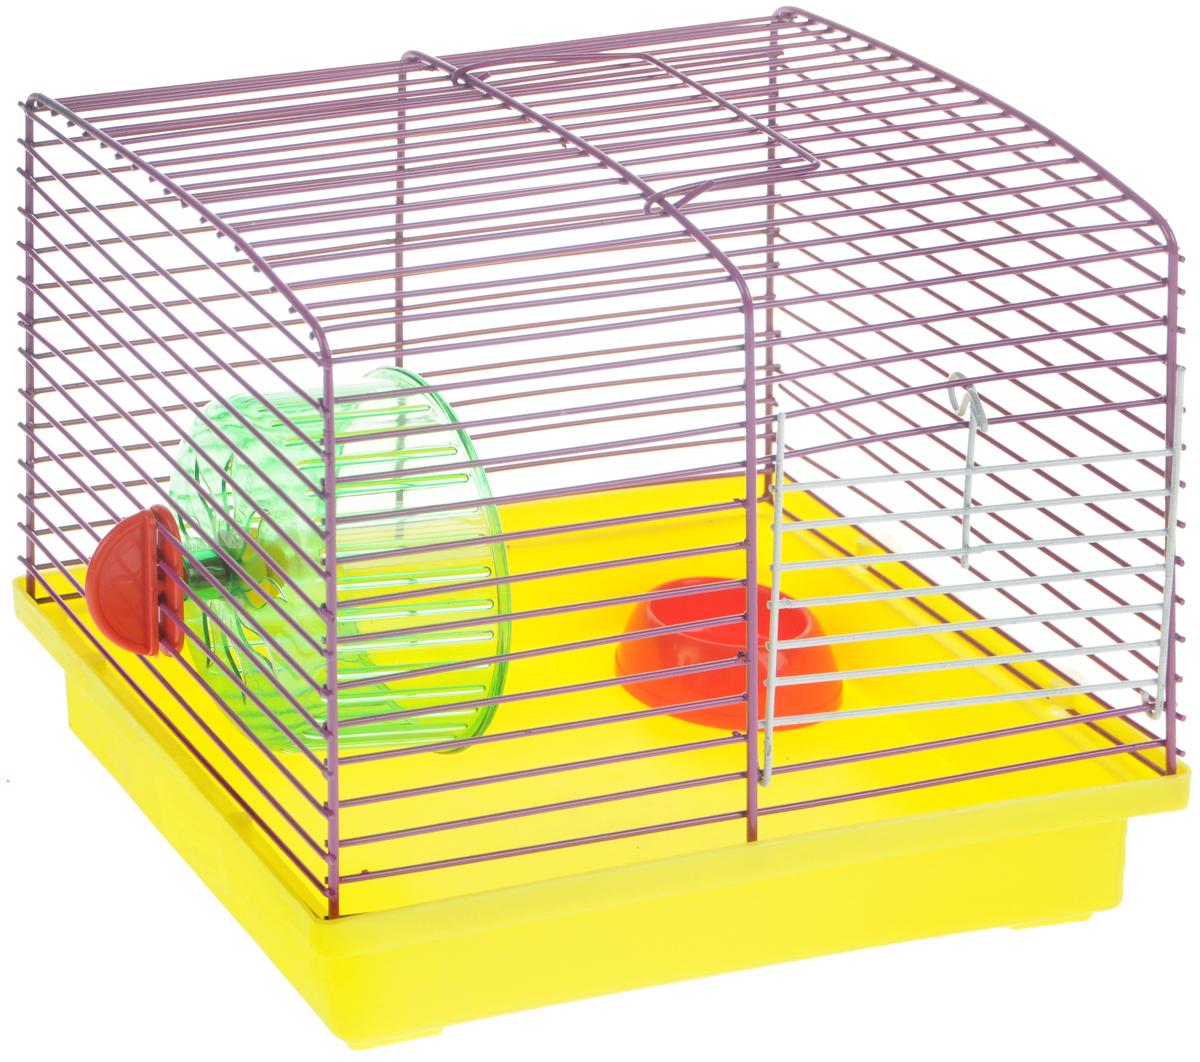 Клетка для джунгариков ЗооМарк, с колесом и миской, цвет: желтый поддон, фиолетовая решетка, 23 х 18 х 19 см511ЖФКлетка ЗооМарк, выполненная из пластика и металла, подходит для мелких грызунов. Изделие оборудовано колесом для подвижных игр и пластиковой миской. Клетка имеет яркий поддон, удобна в использовании и легко чистится. Сверху имеется ручка для переноски. Такая клетка станет личным пространством и уютным домиком для маленького грызуна. Комплектация: - клетка с поддоном; - миска; - колесо.